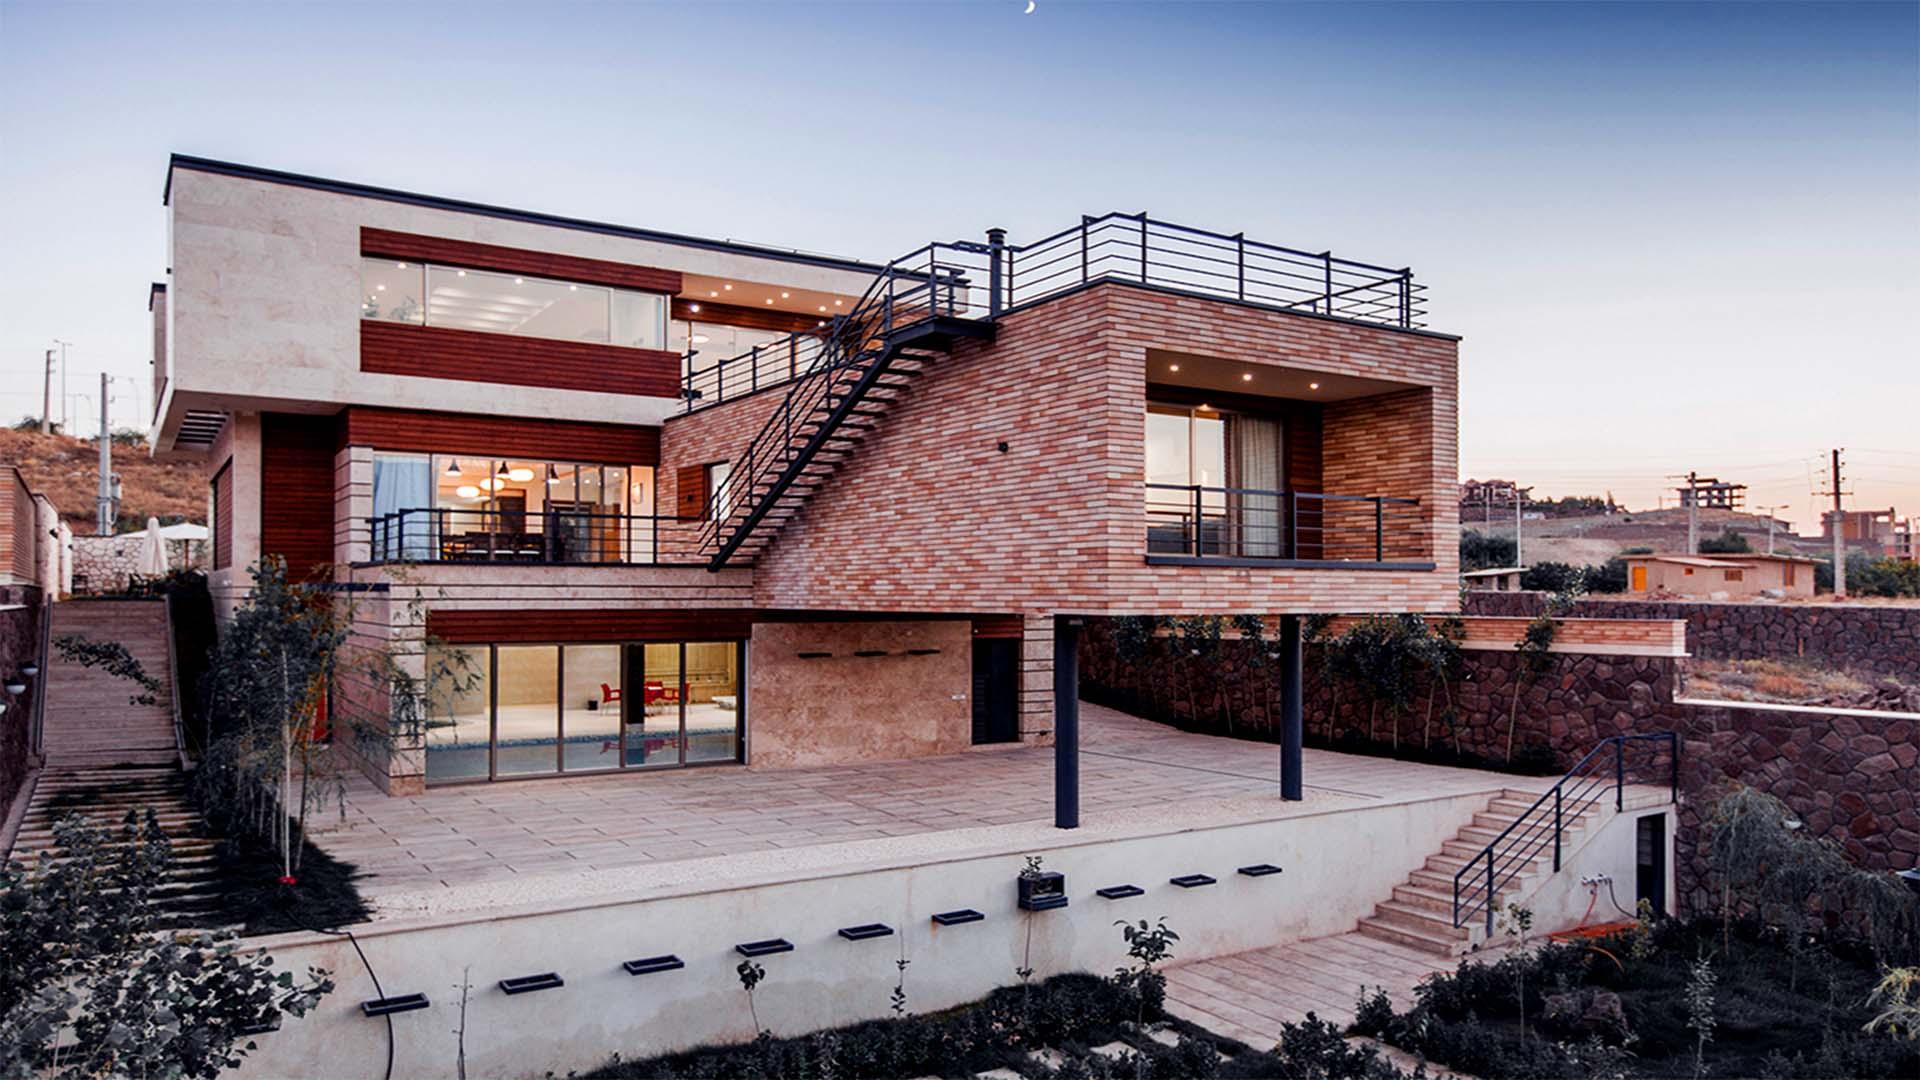 پروژه شخصی ویلای ماوی واقع در دماوند شهرک هشت بهشت کاری از آتلیه مکعب سفید